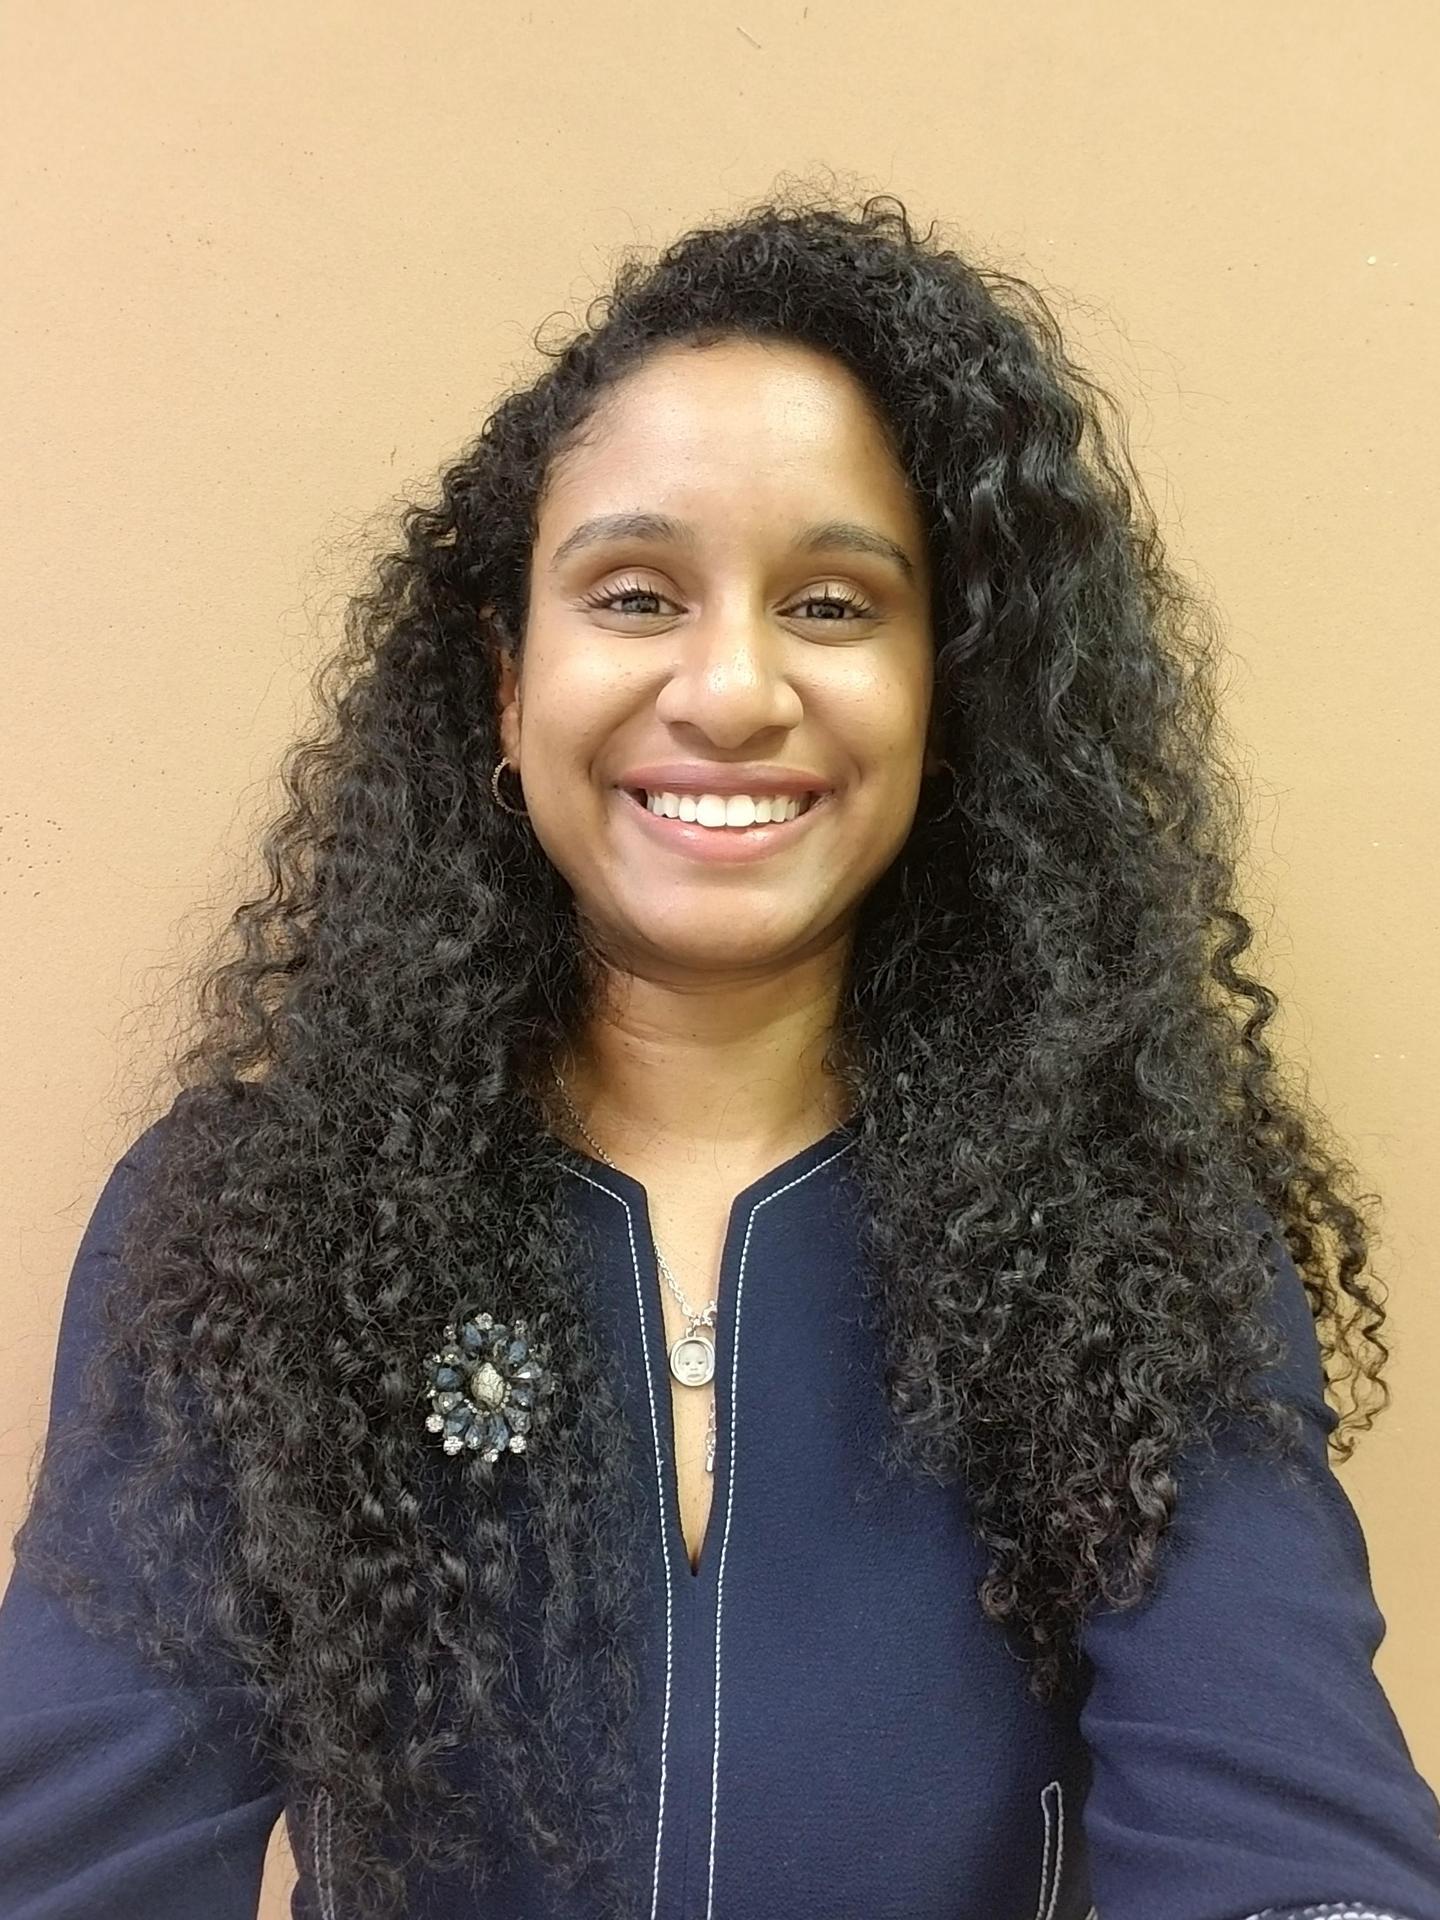 Alexia Ali, Founding School Counselor